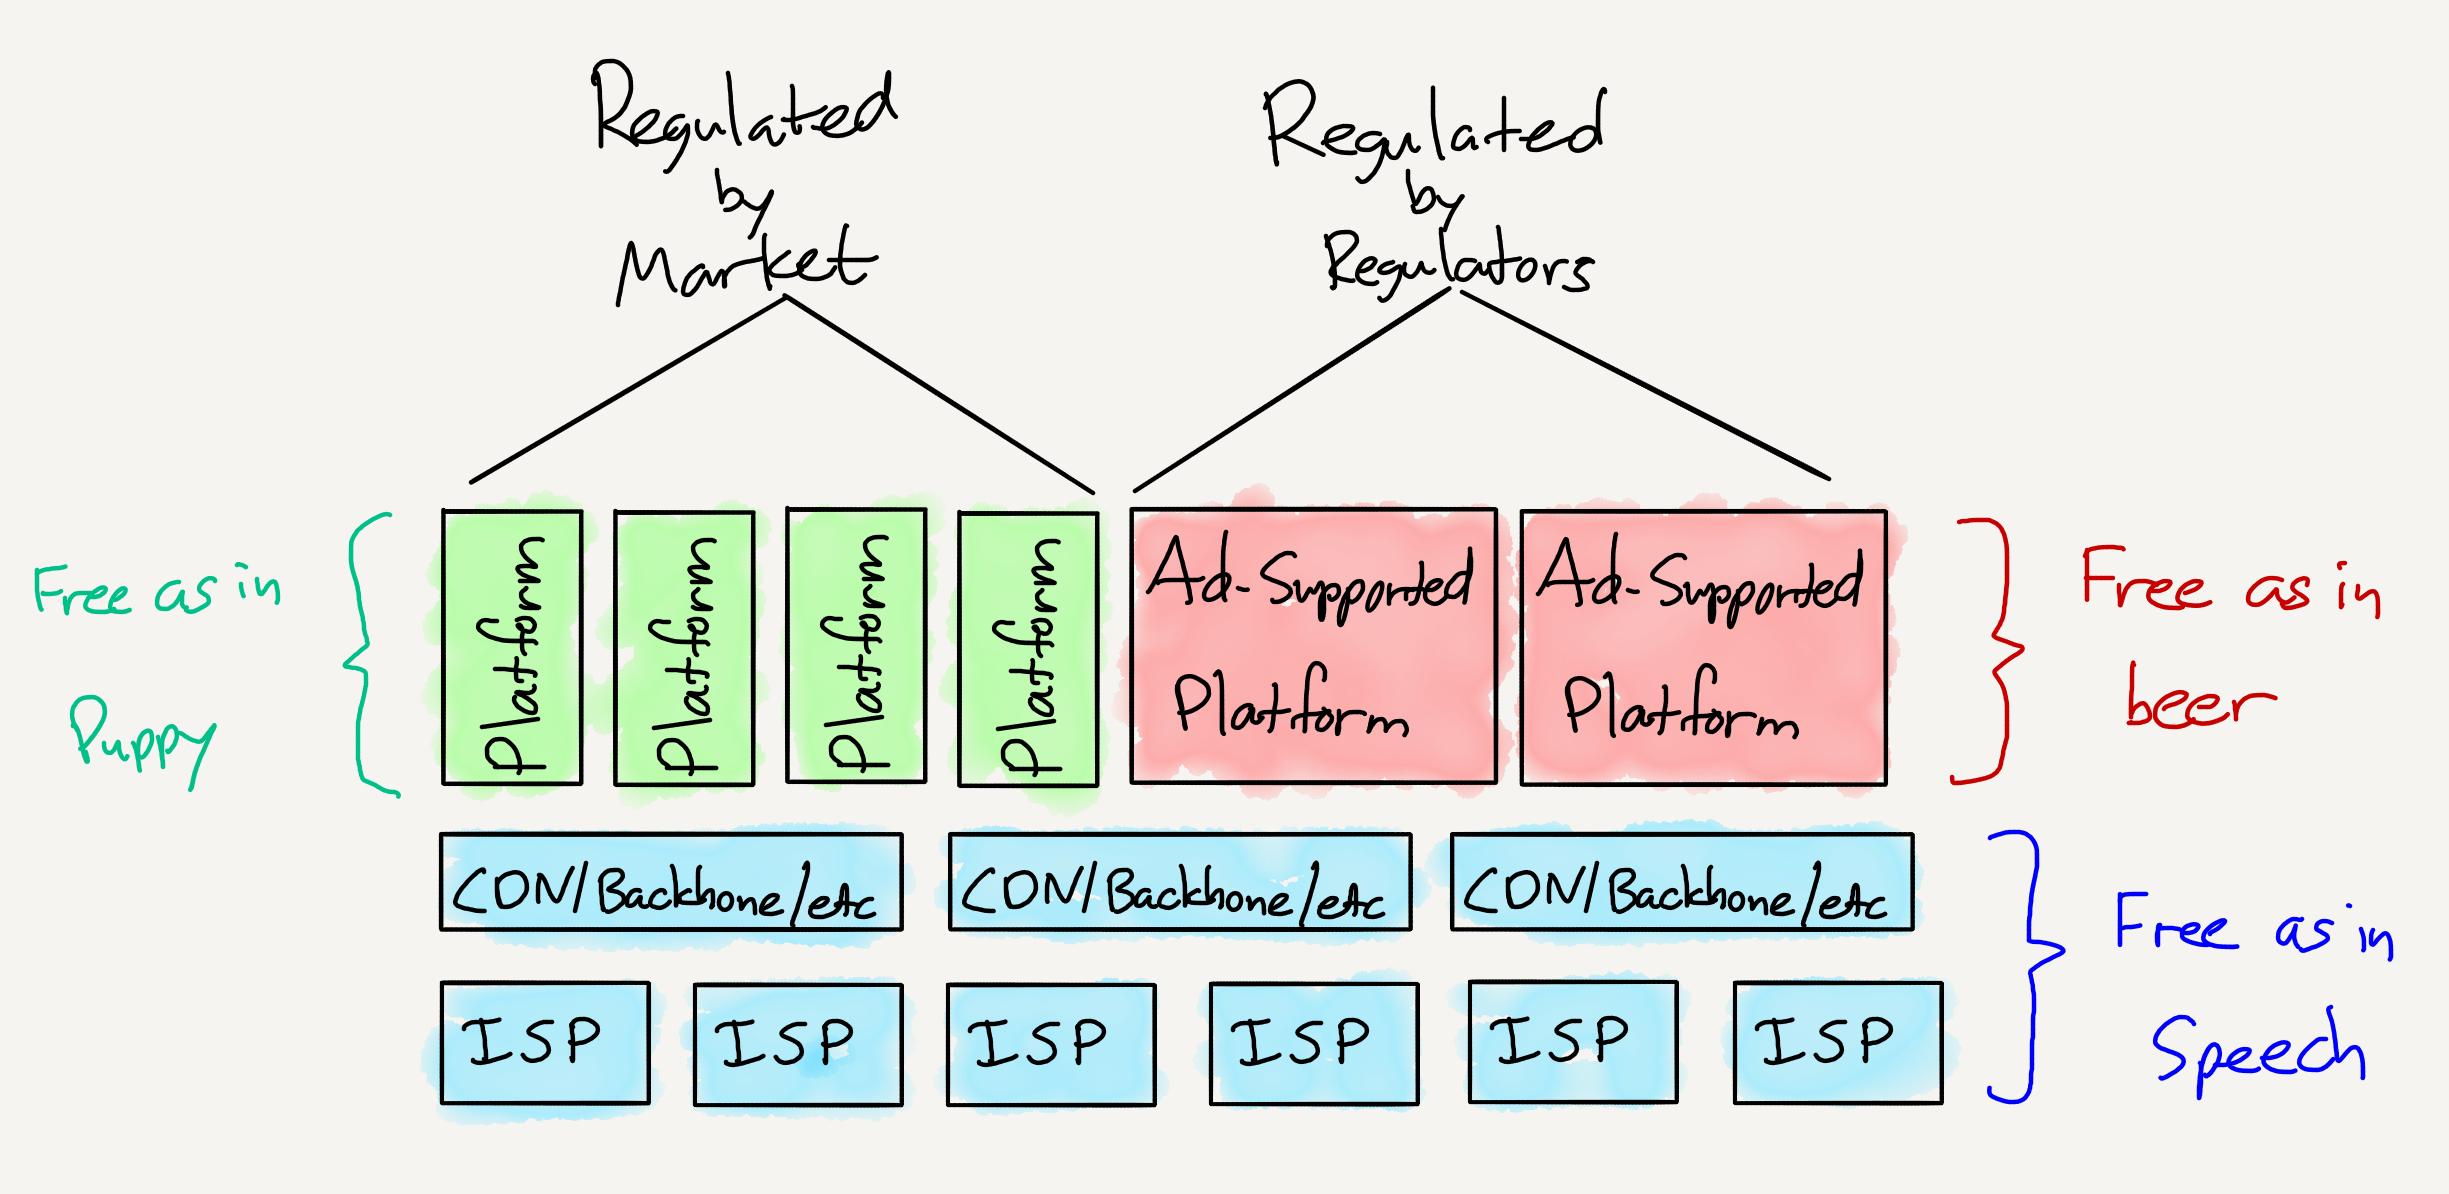 The Regulatory Framework For The Internet